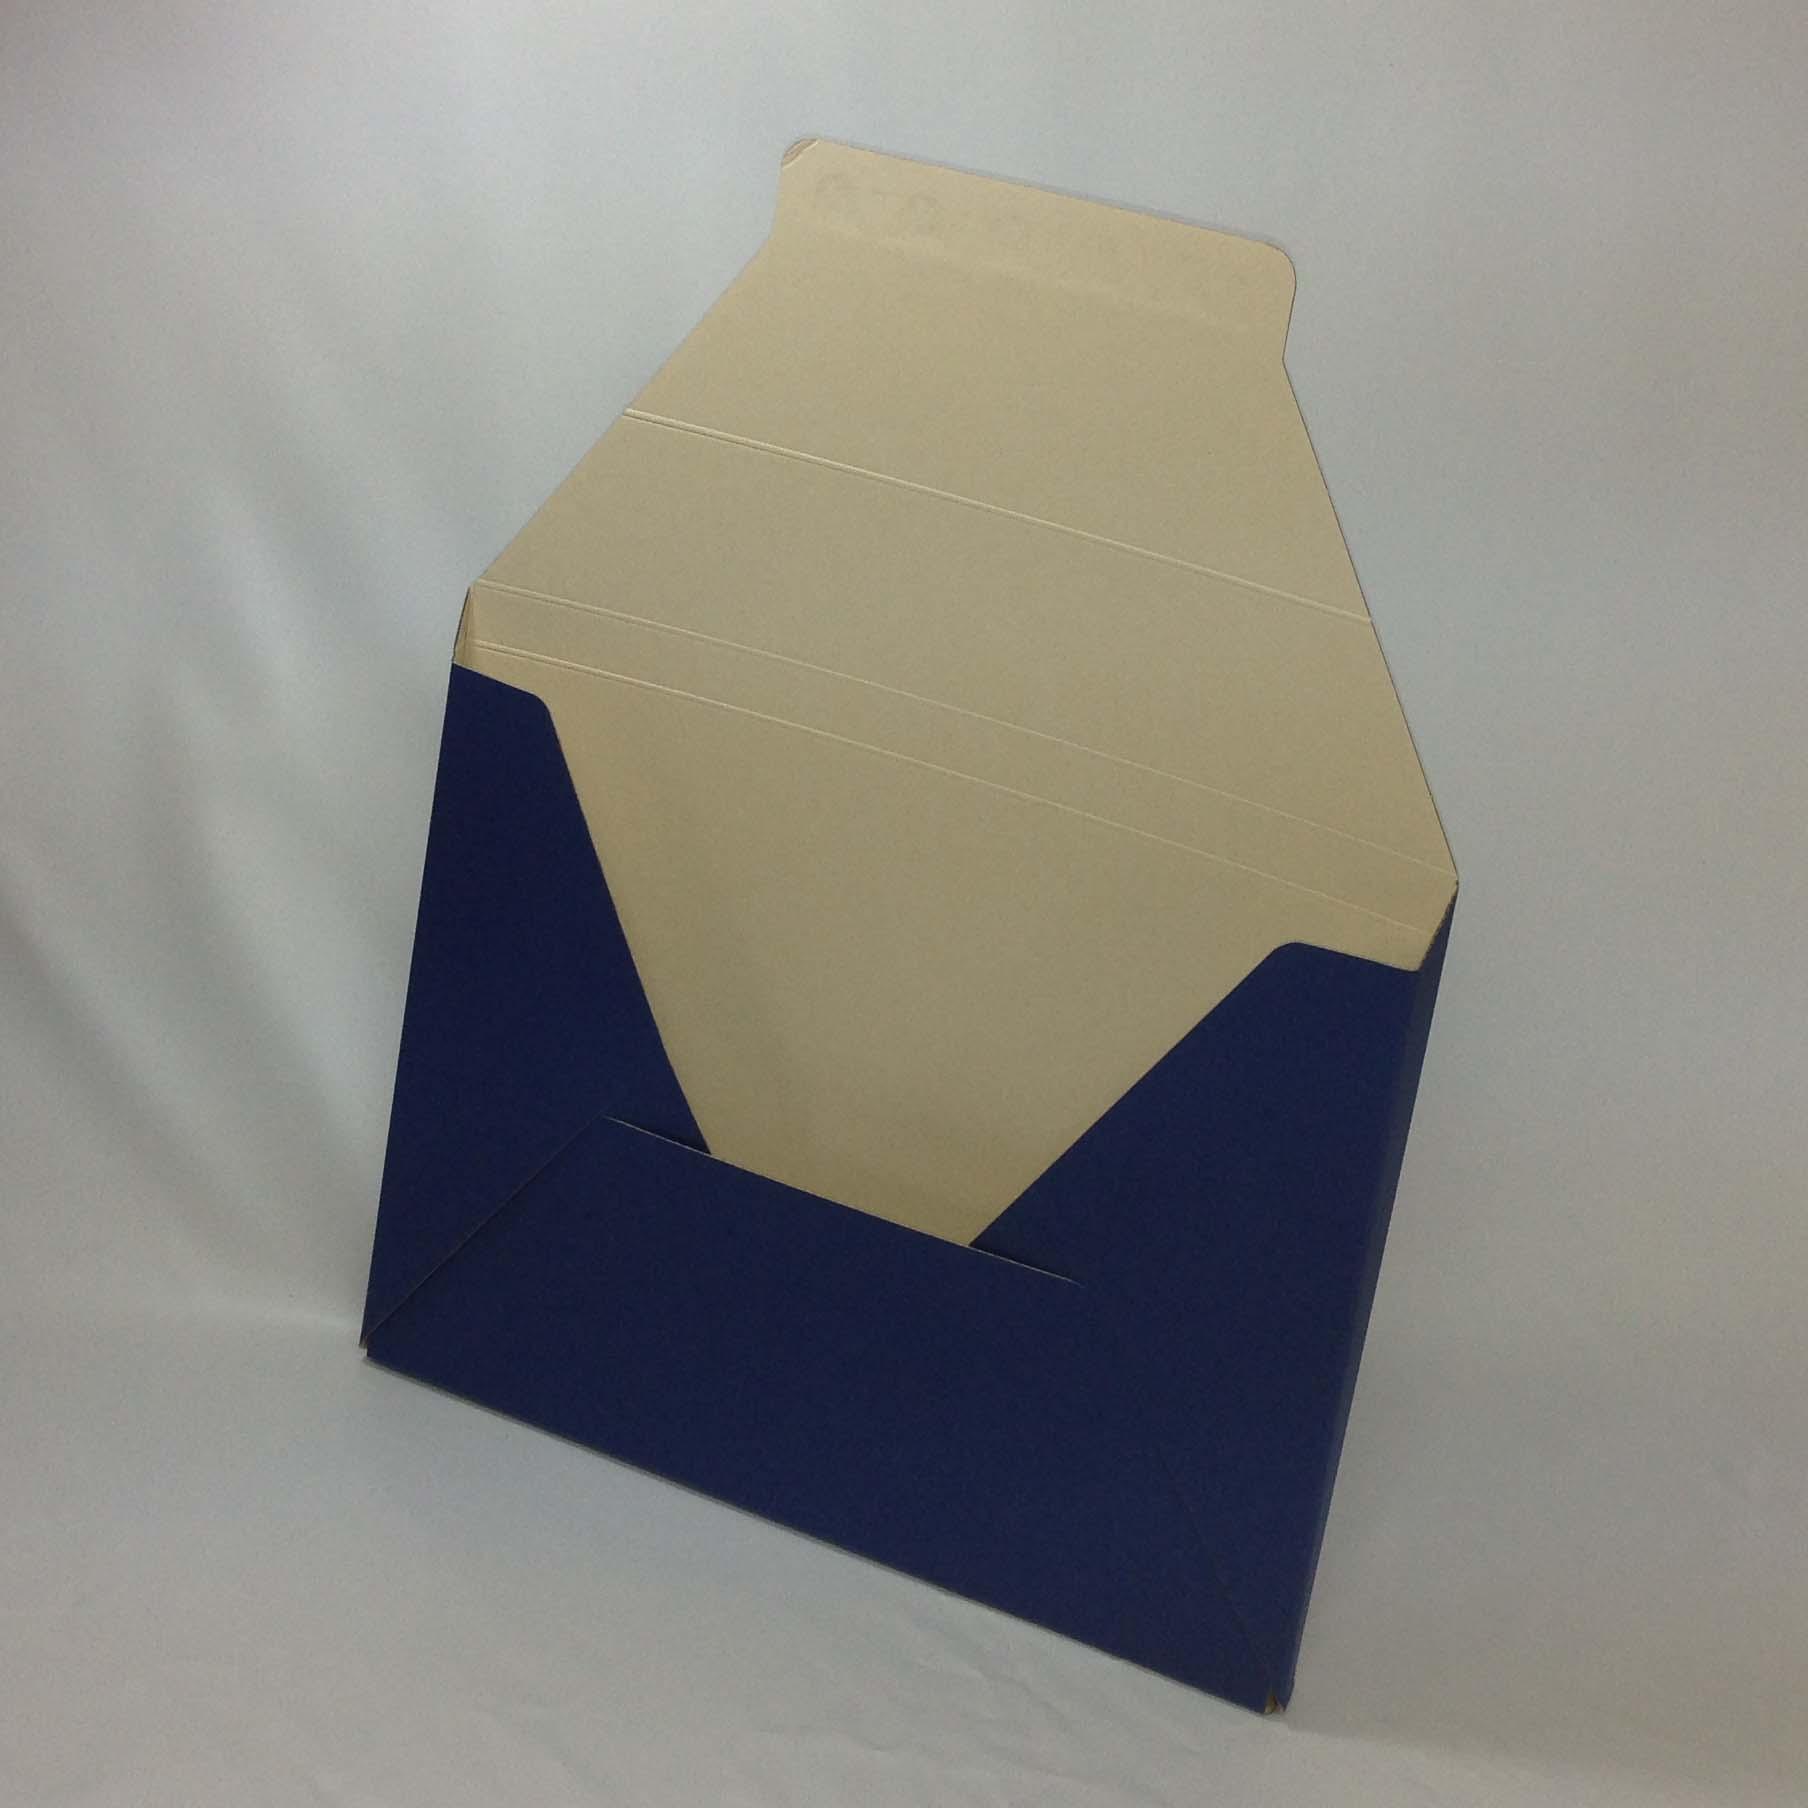 即日出荷! メール便型BOX 『カートンフィーノ』